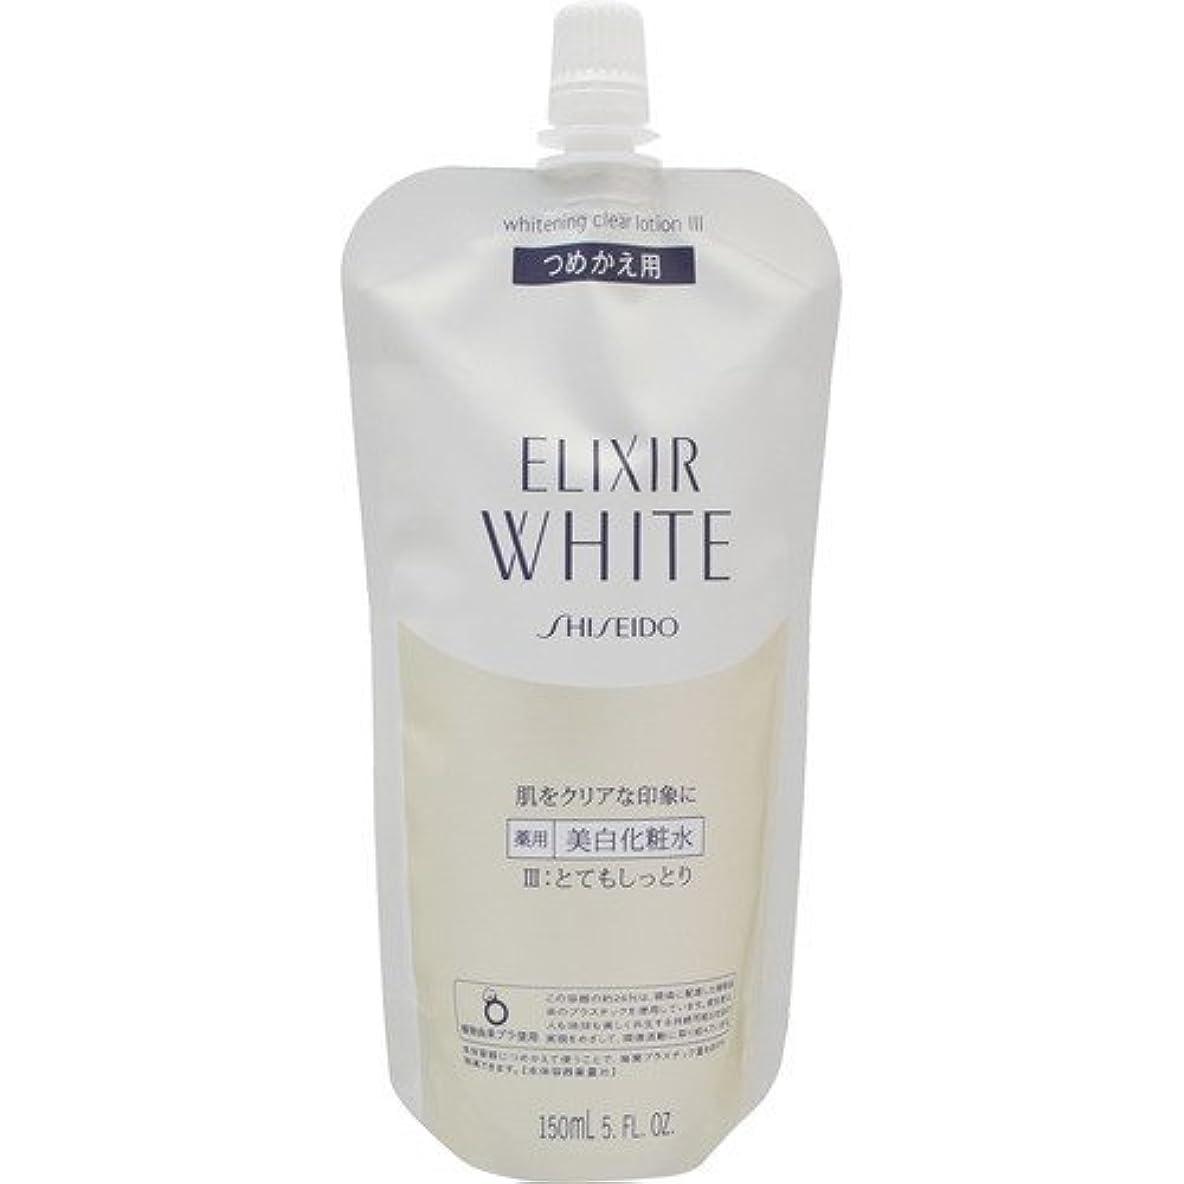 まっすぐ適応希少性資生堂 エリクシール ホワイト クリアローション 150mL (詰め替え用) 3